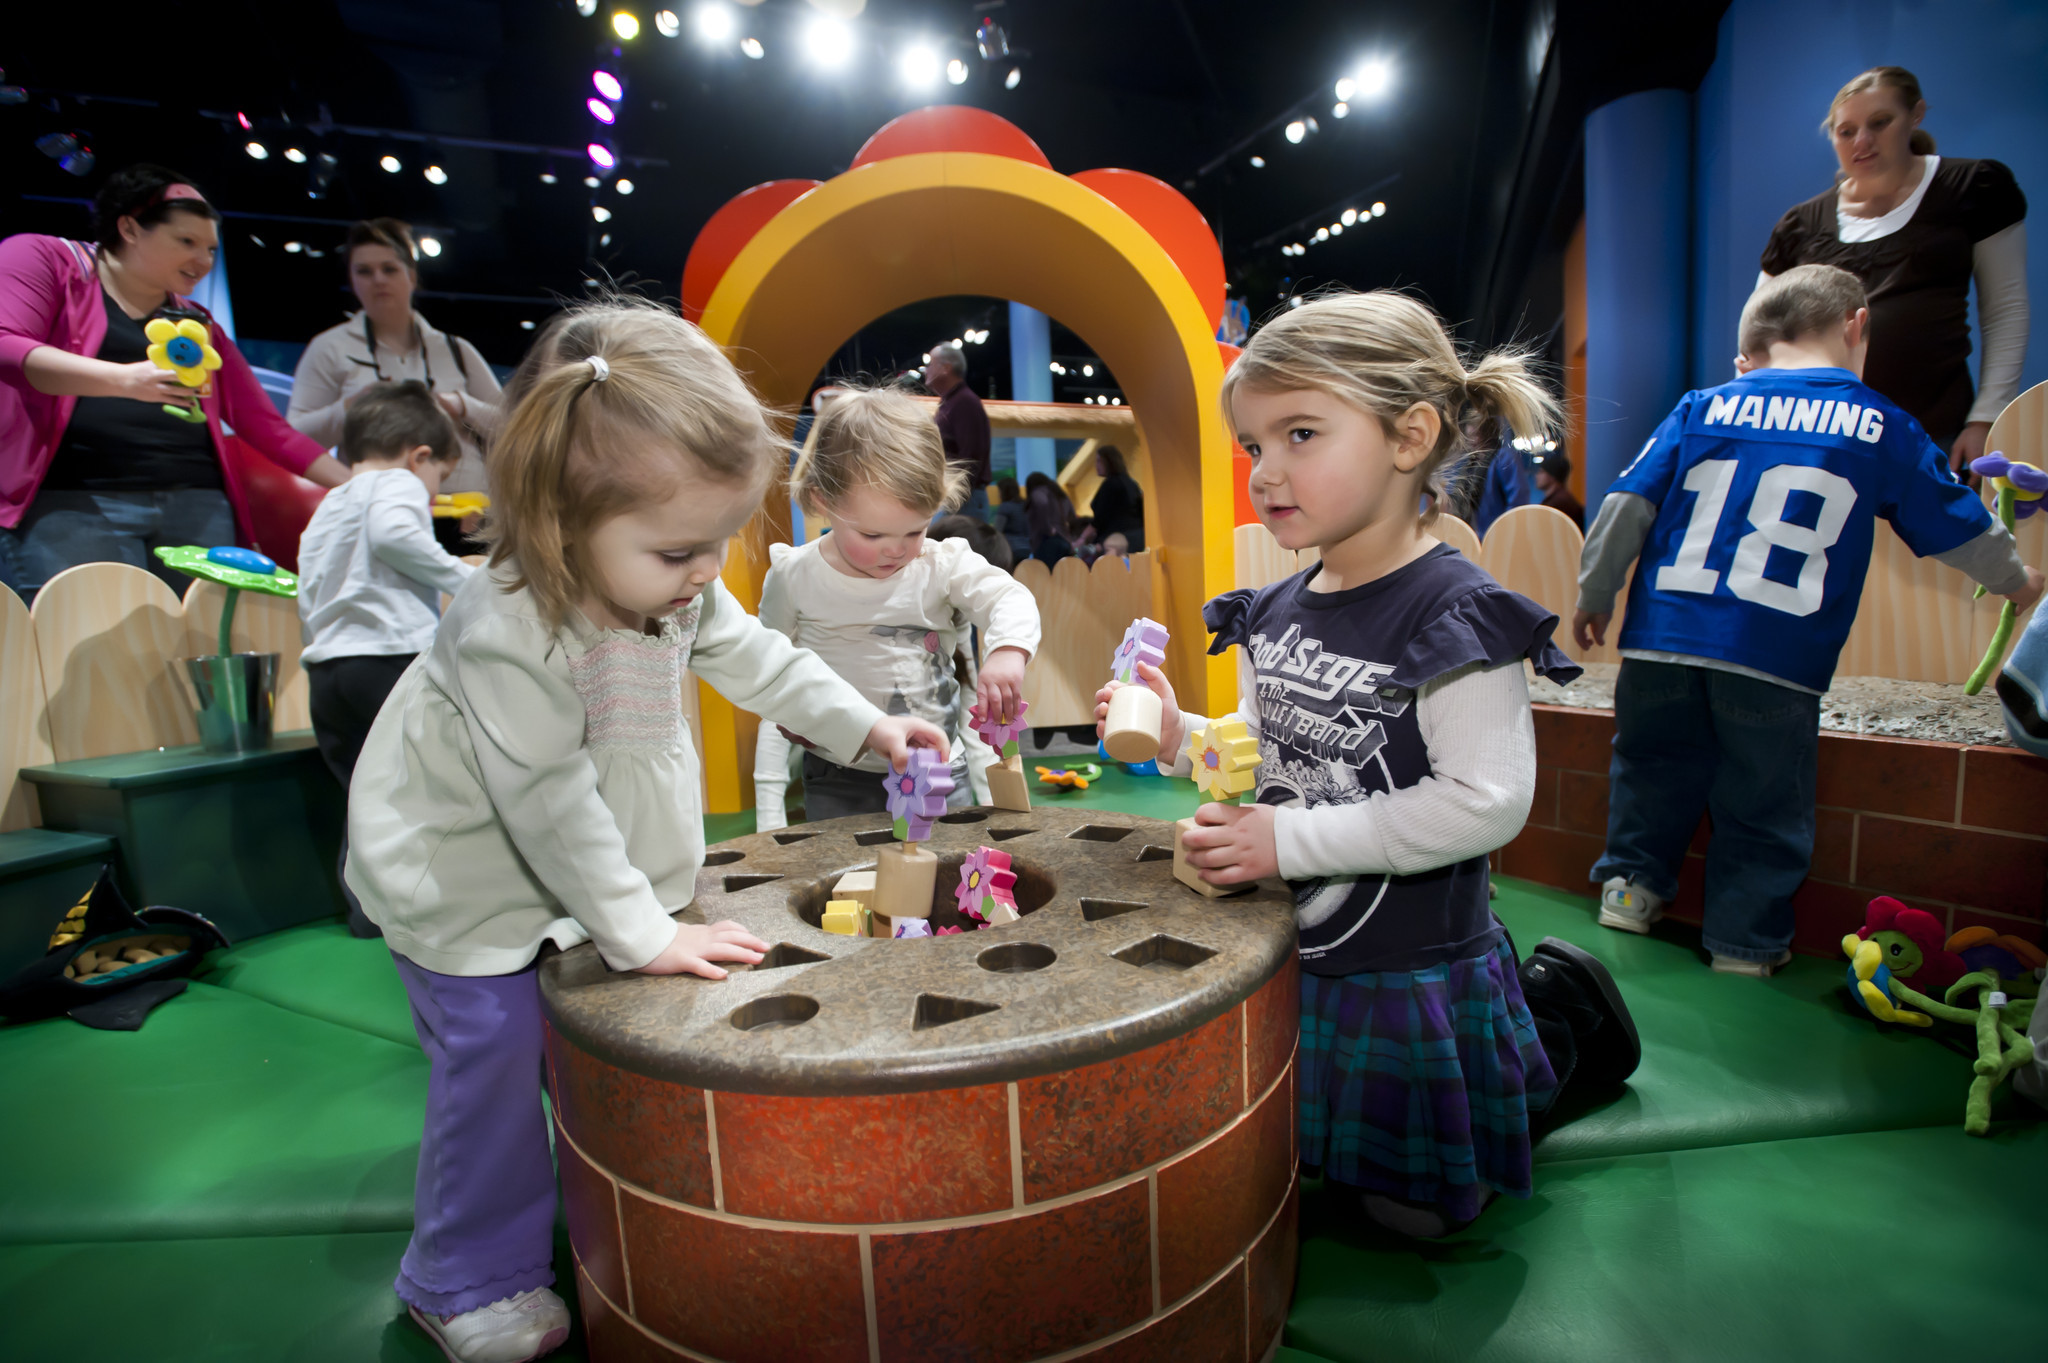 Car Care Center >> Orlando Science Center has Dora the Explorer exhibit - Orlando Sentinel